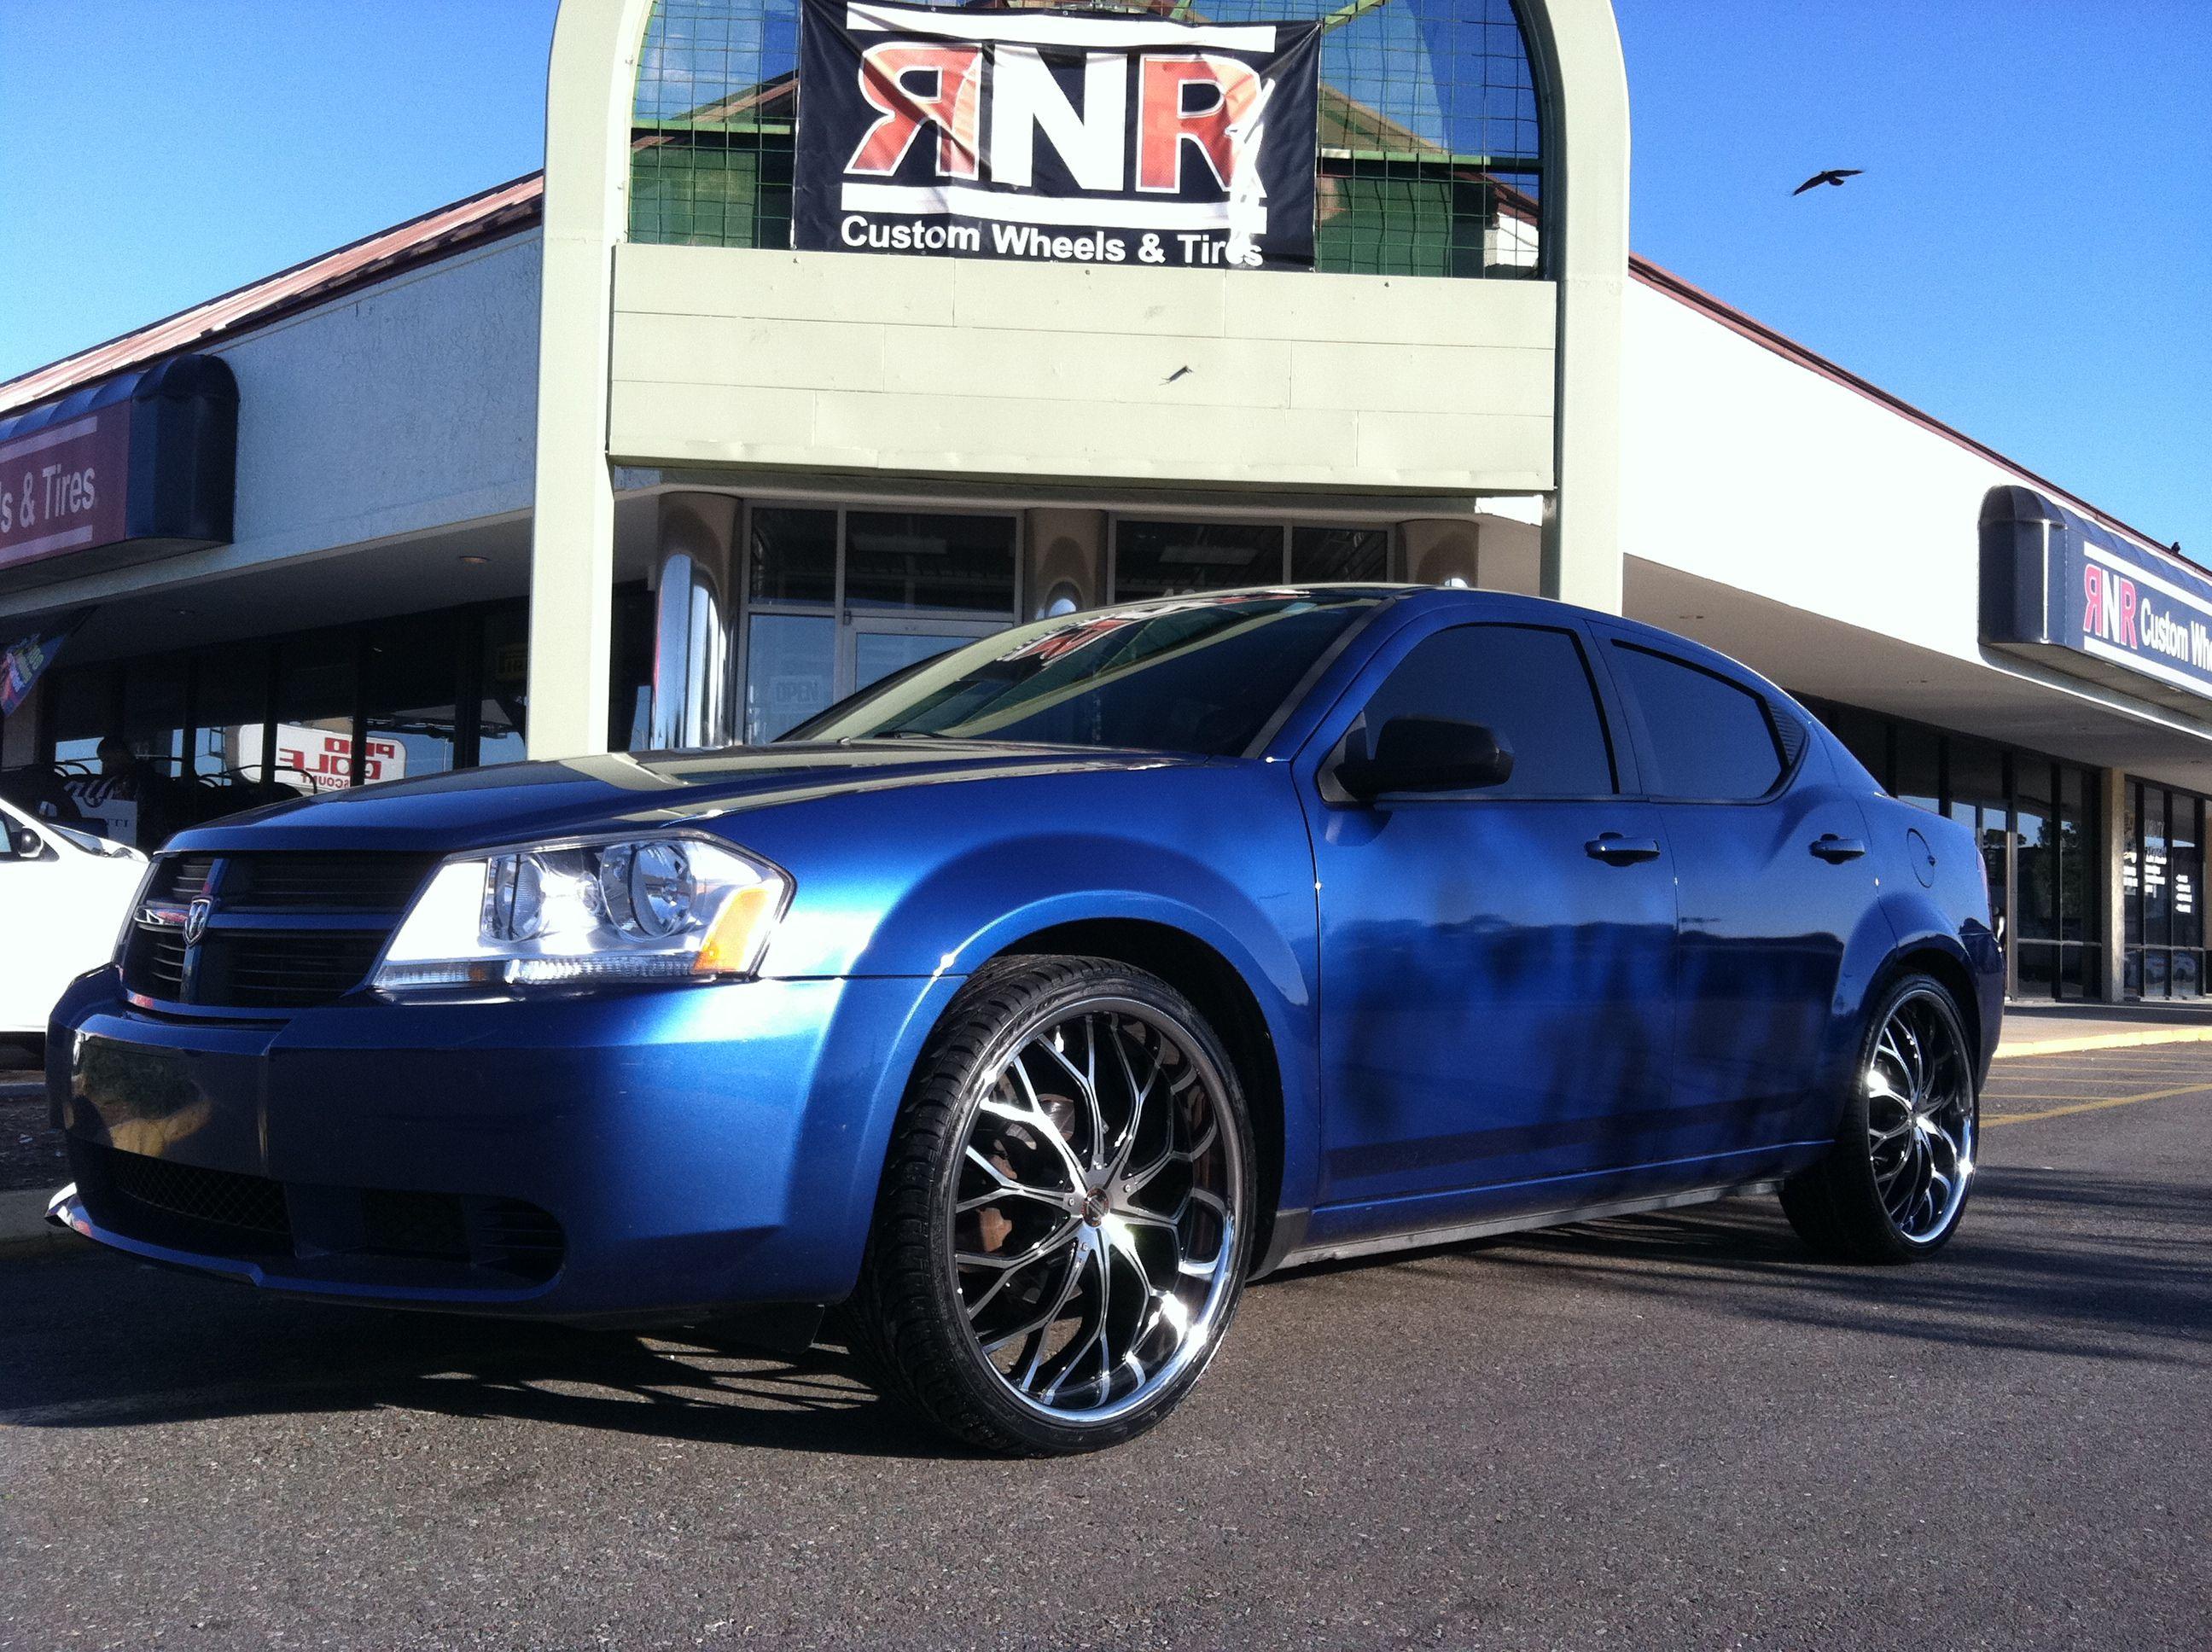 Dodge Avenger With Wheels View Full Size Dodge Avenger Custom Wheels Dodge